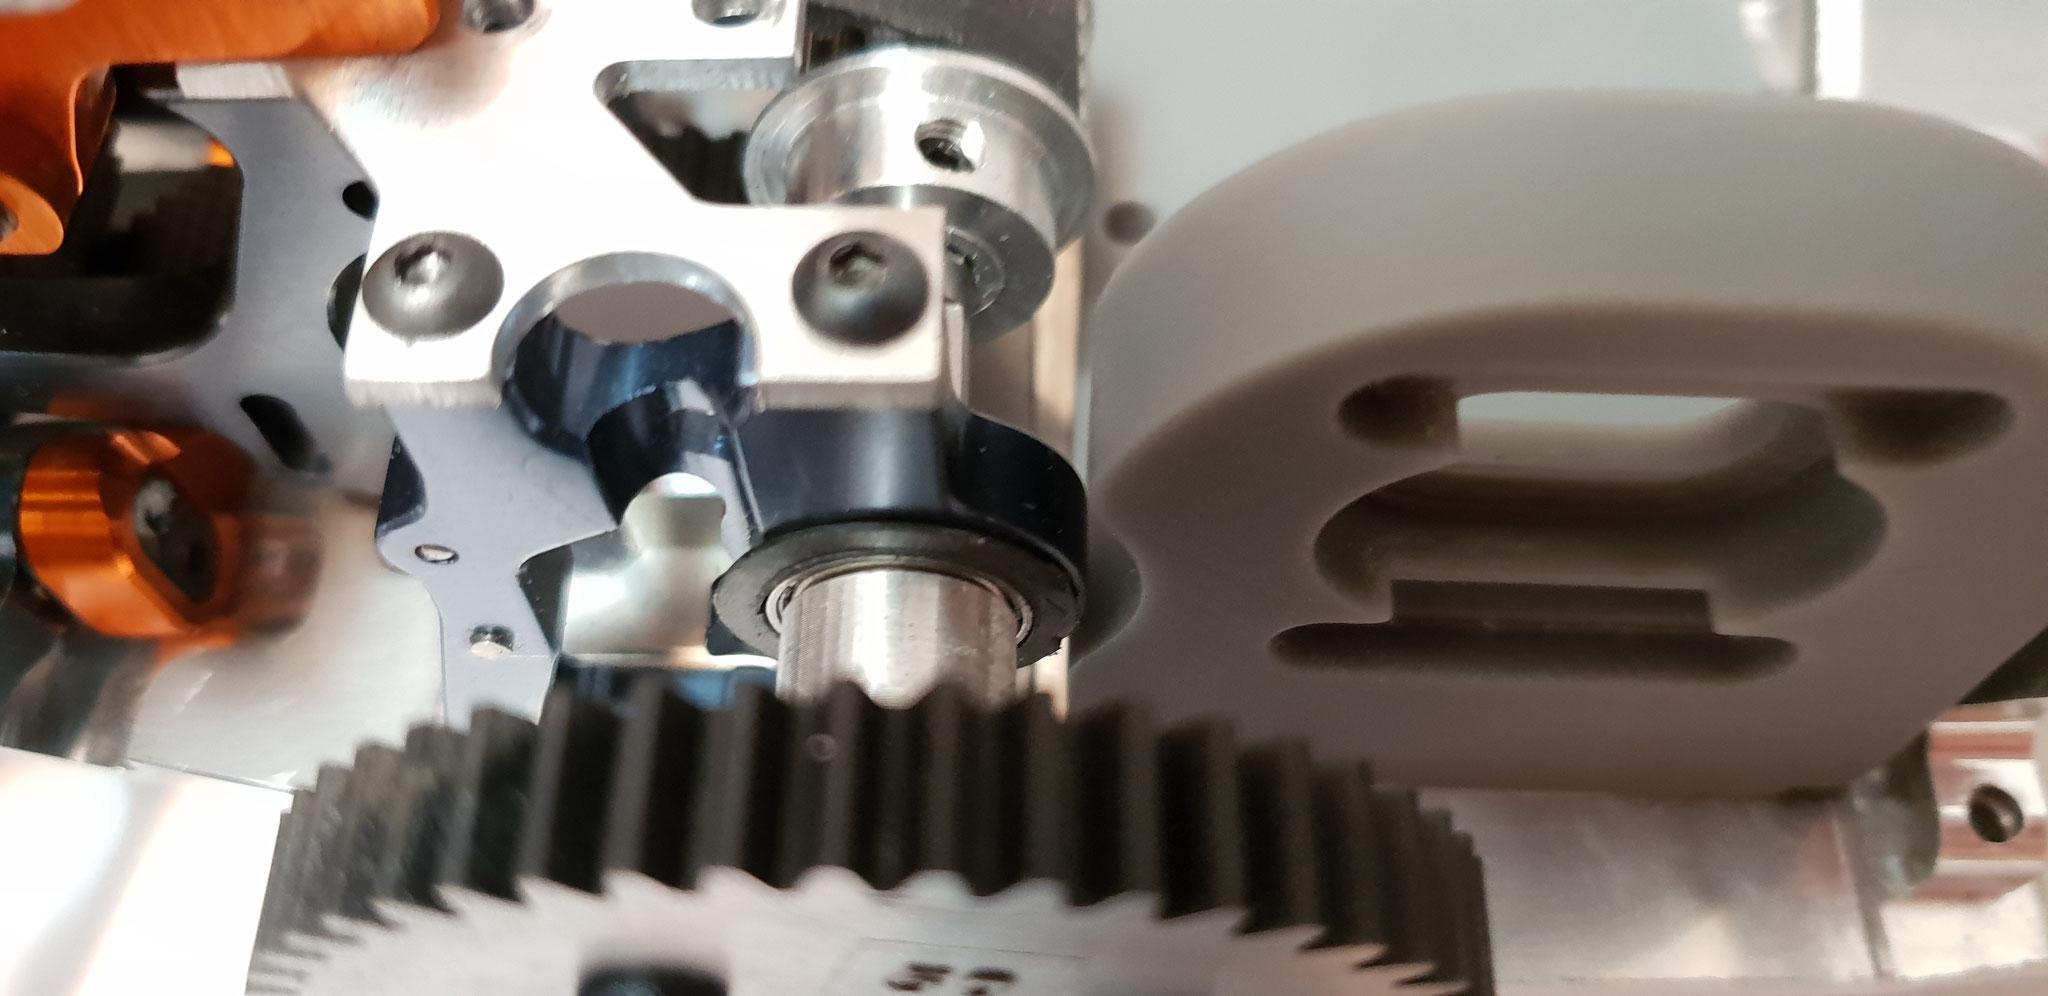 Designverifizierung mit Stereolithographie-Druck (SLA): Der Bauraum wird optimal genutzt und keine Störkontur beeinfluss das hergestellte Teil